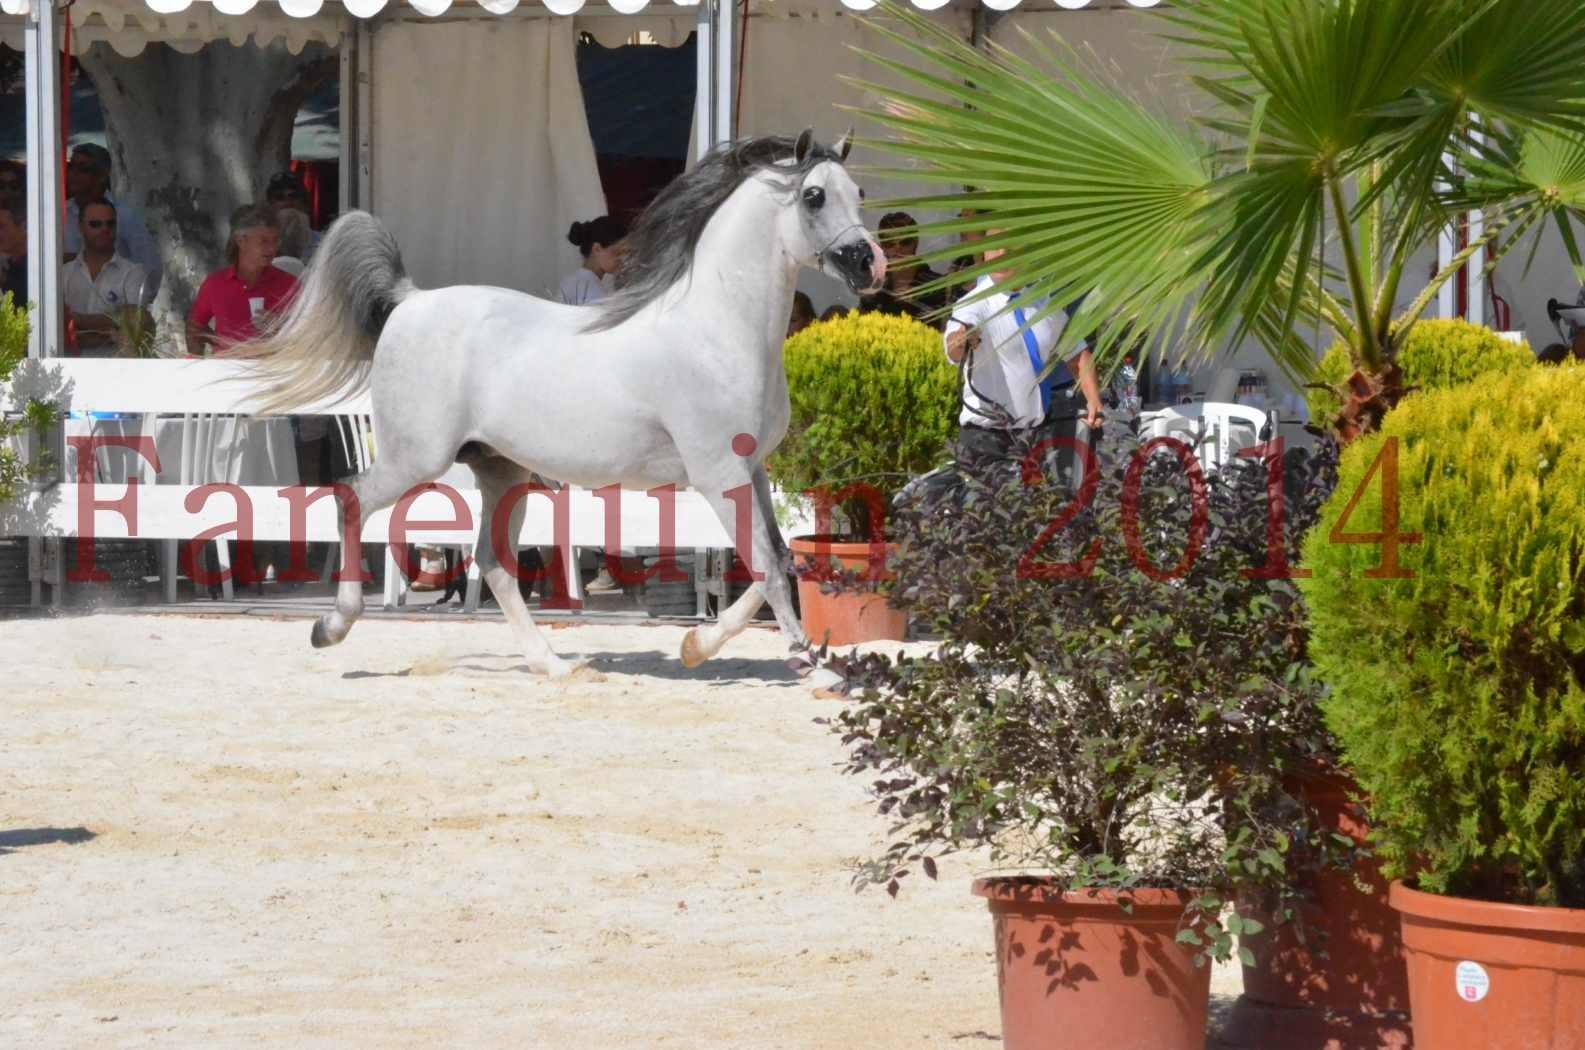 Concours National de Nîmes de chevaux ARABES 2014 - Sélection - SHAOLIN DE NEDJAIA - 11